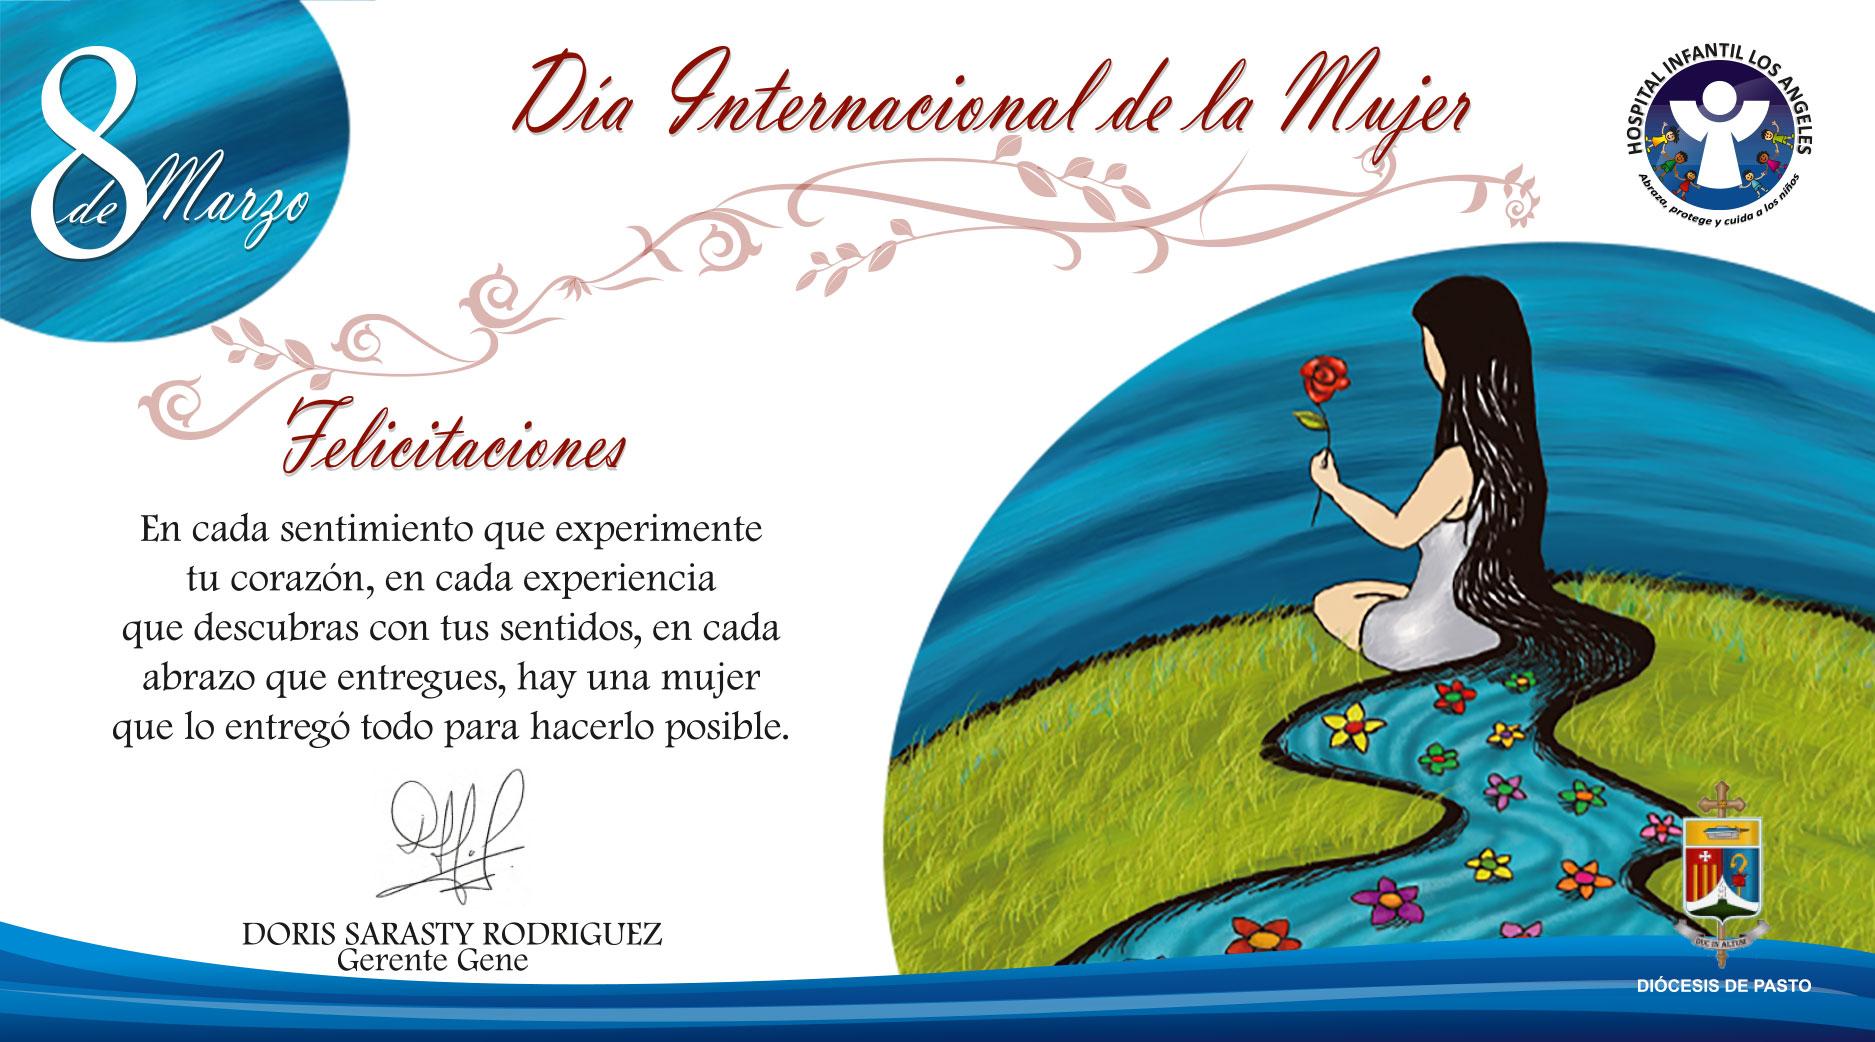 La Fundación Hospital Infantil Los Ángeles les desea un Feliz Día Internacional de la Mujer